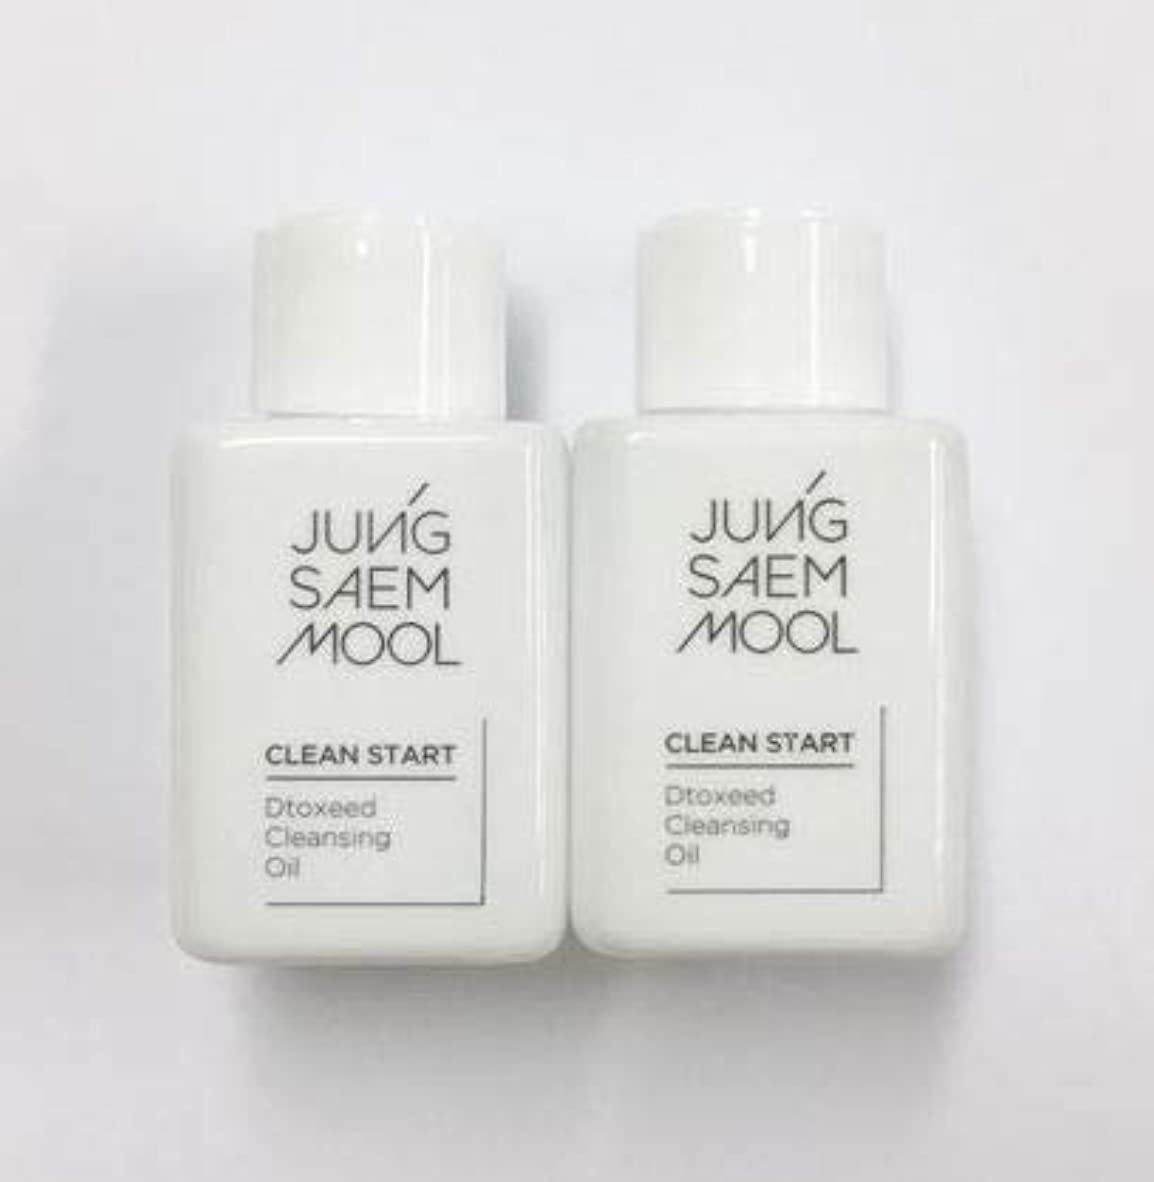 フォーカスシロナガスクジララショナルJUNG SAEM MOOL Clean Start Dtoxeed Cleansing Oil_サンプル (30ml)*2ea [並行輸入品]